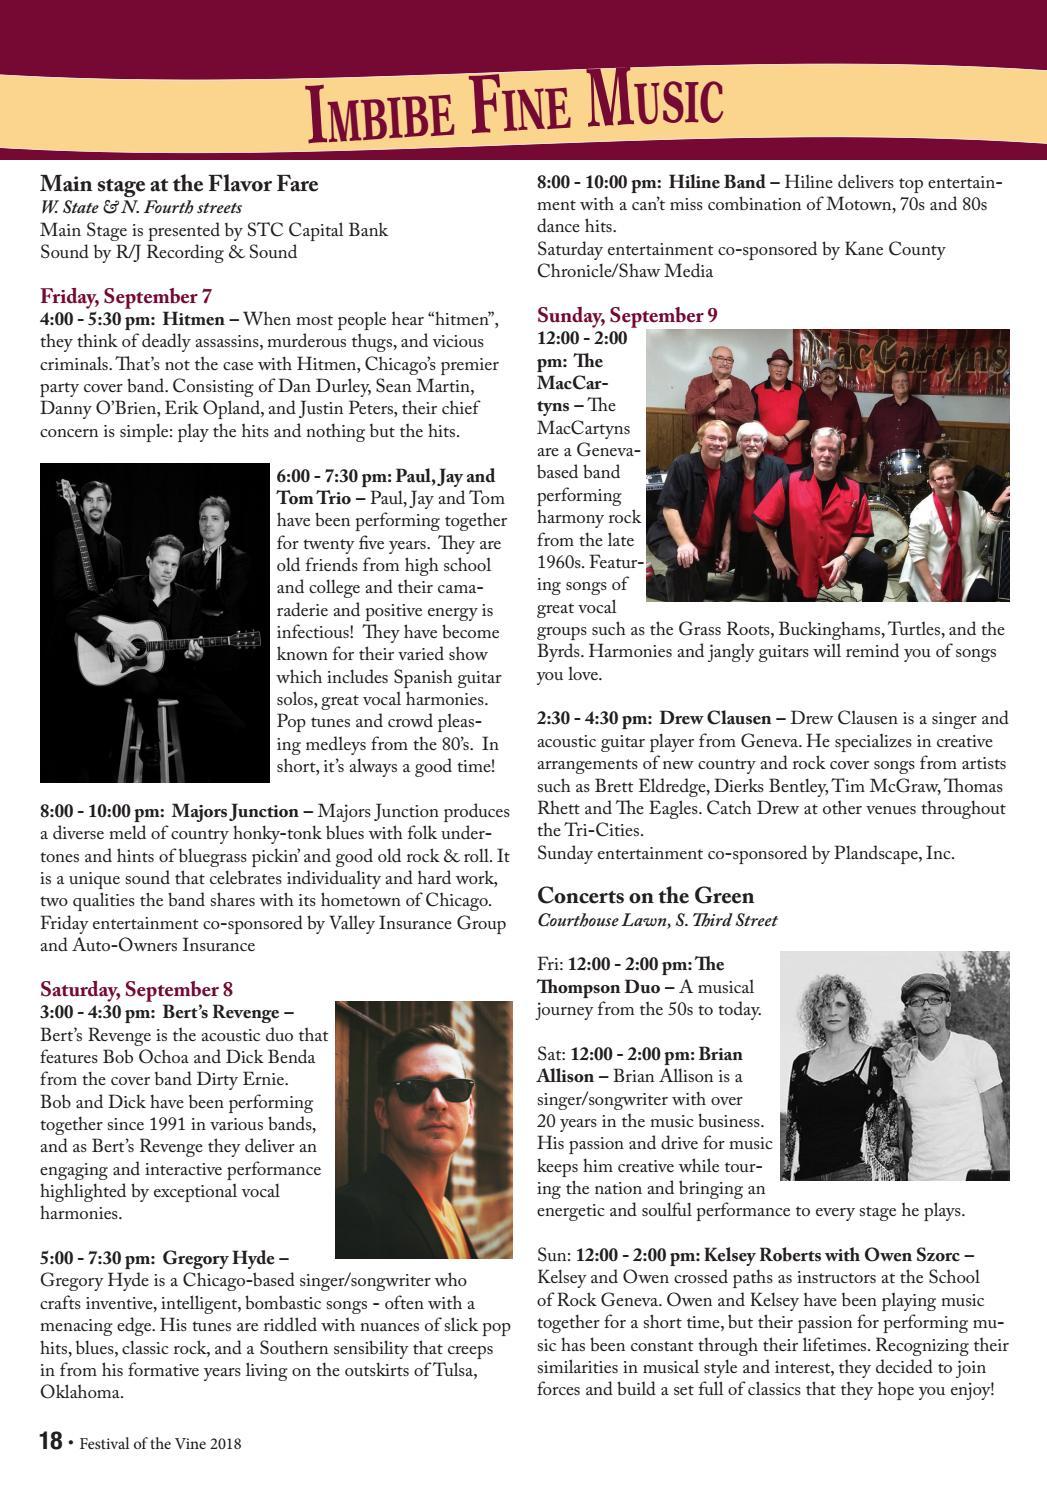 KCC_Fest of Vine_09-06-18 by Shaw Media - issuu